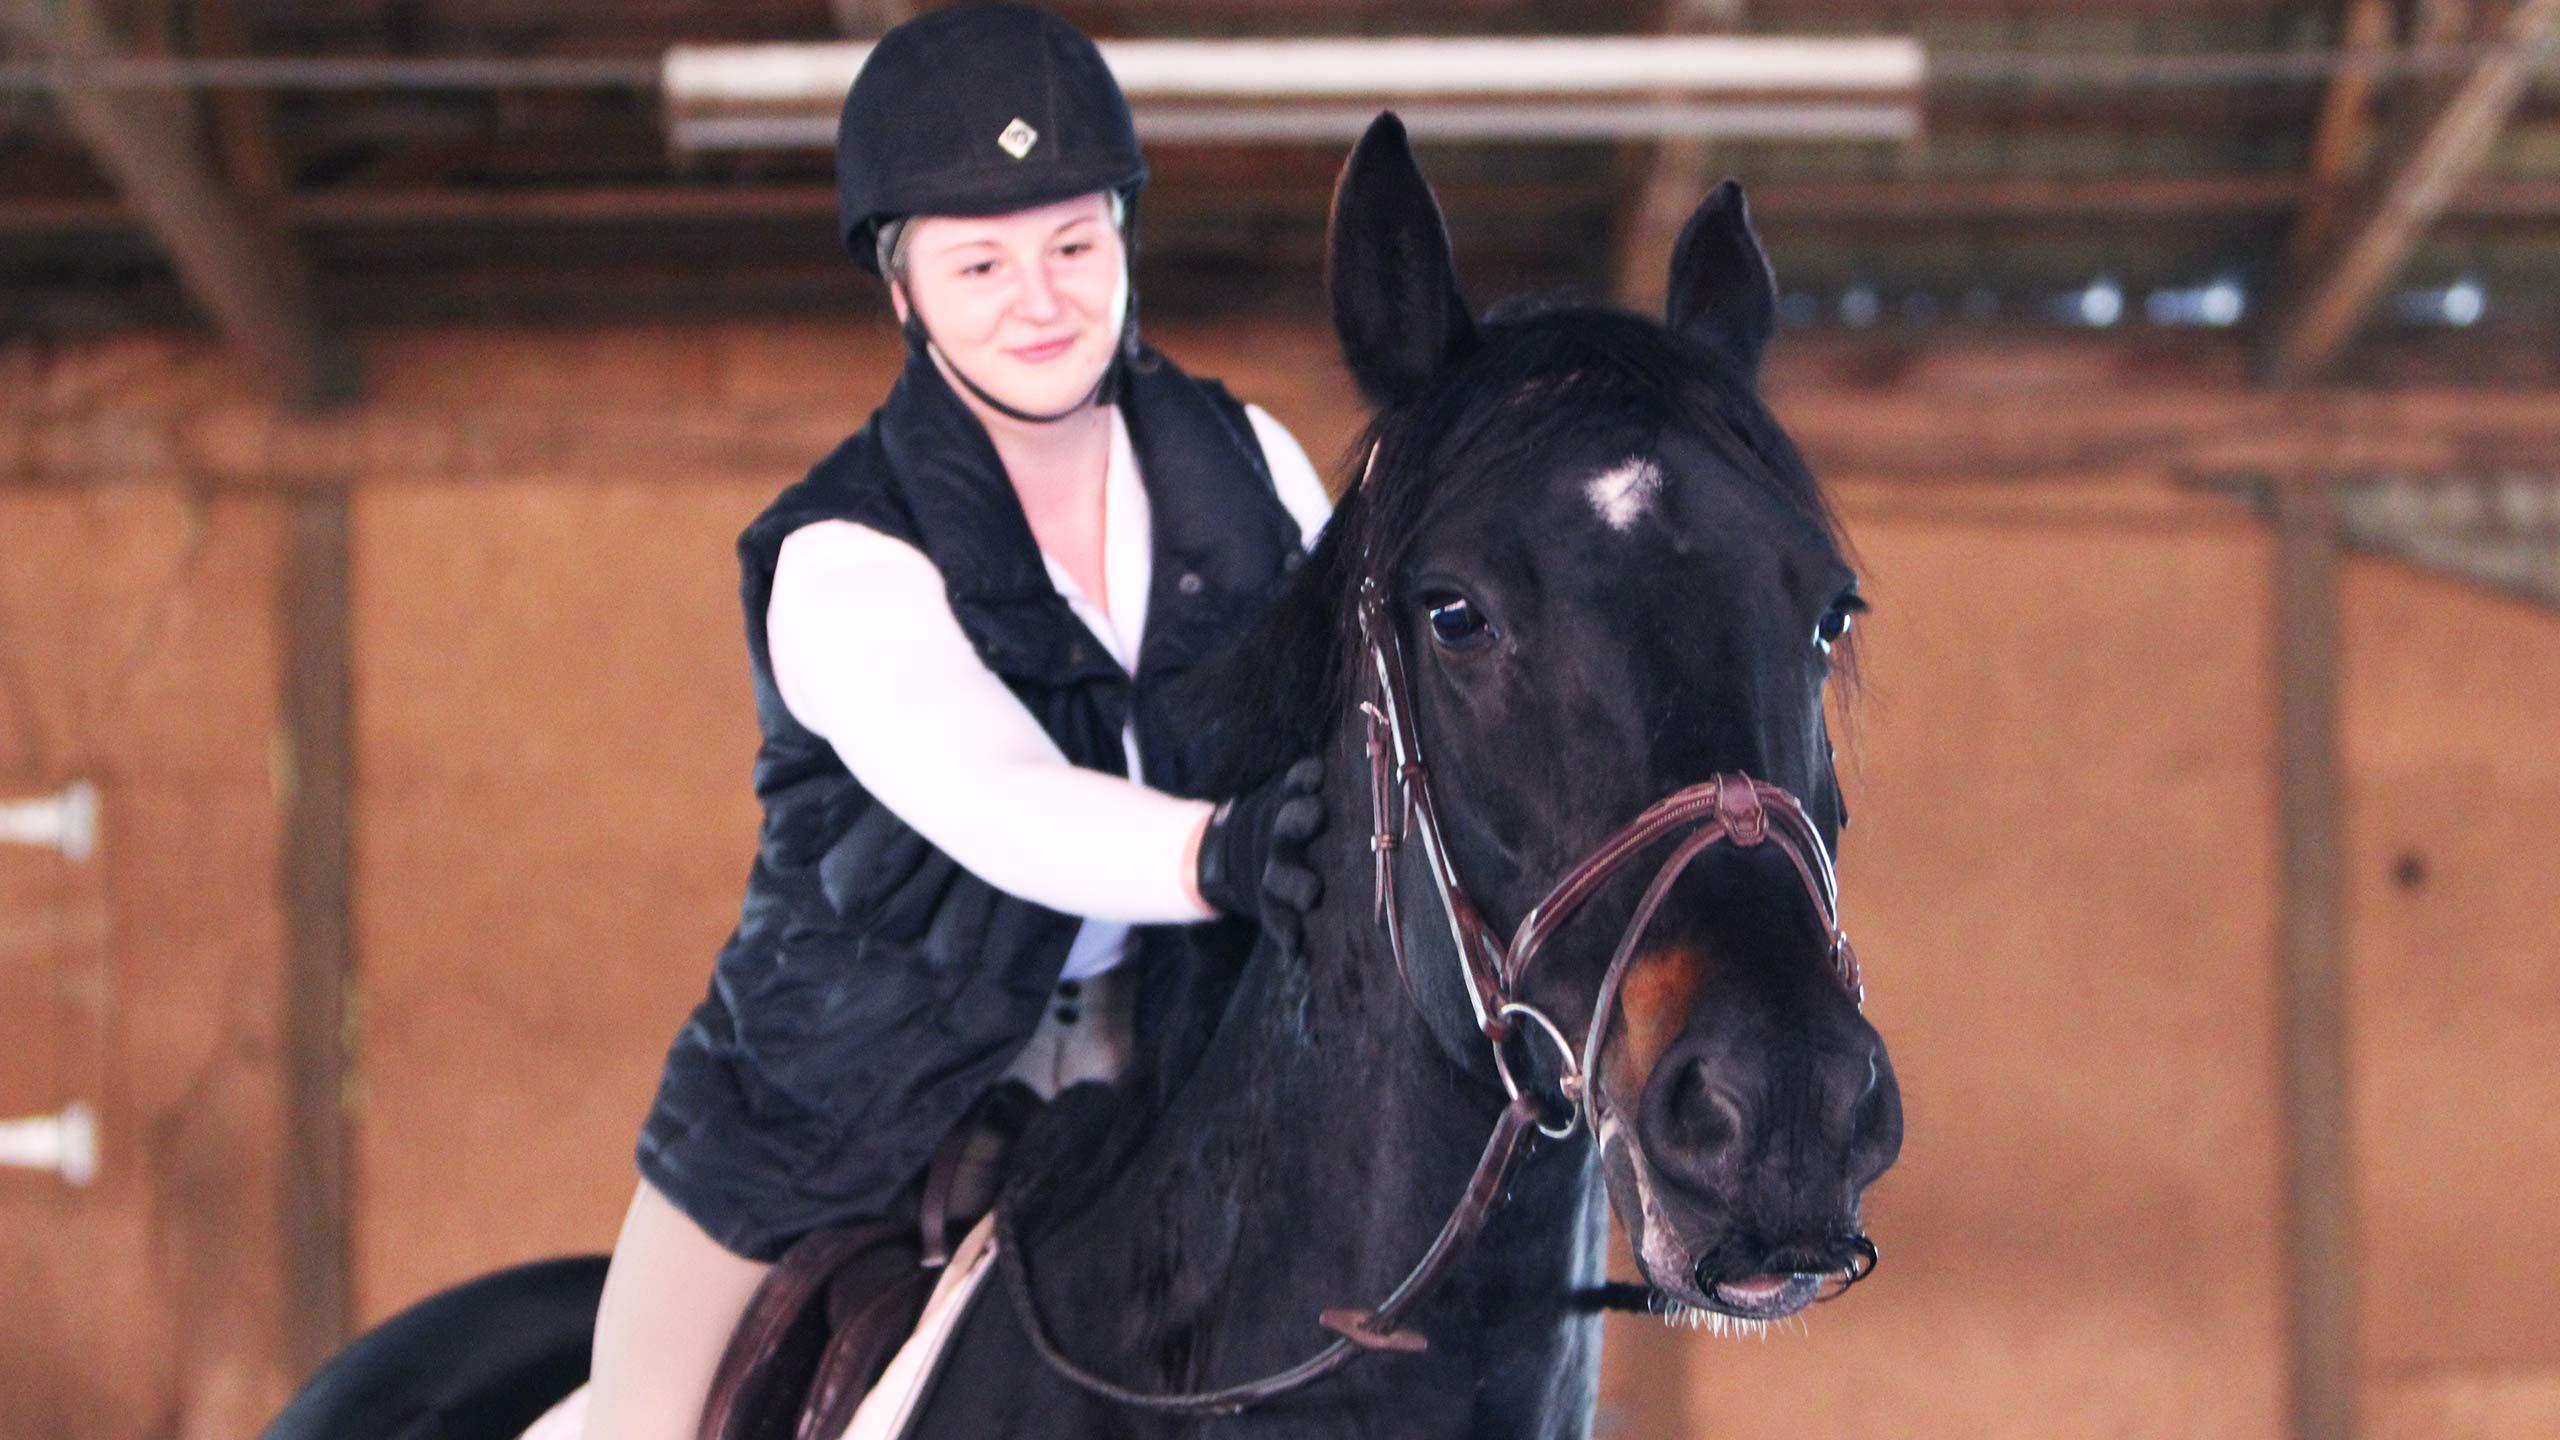 Katie stroking her horse, Onyx